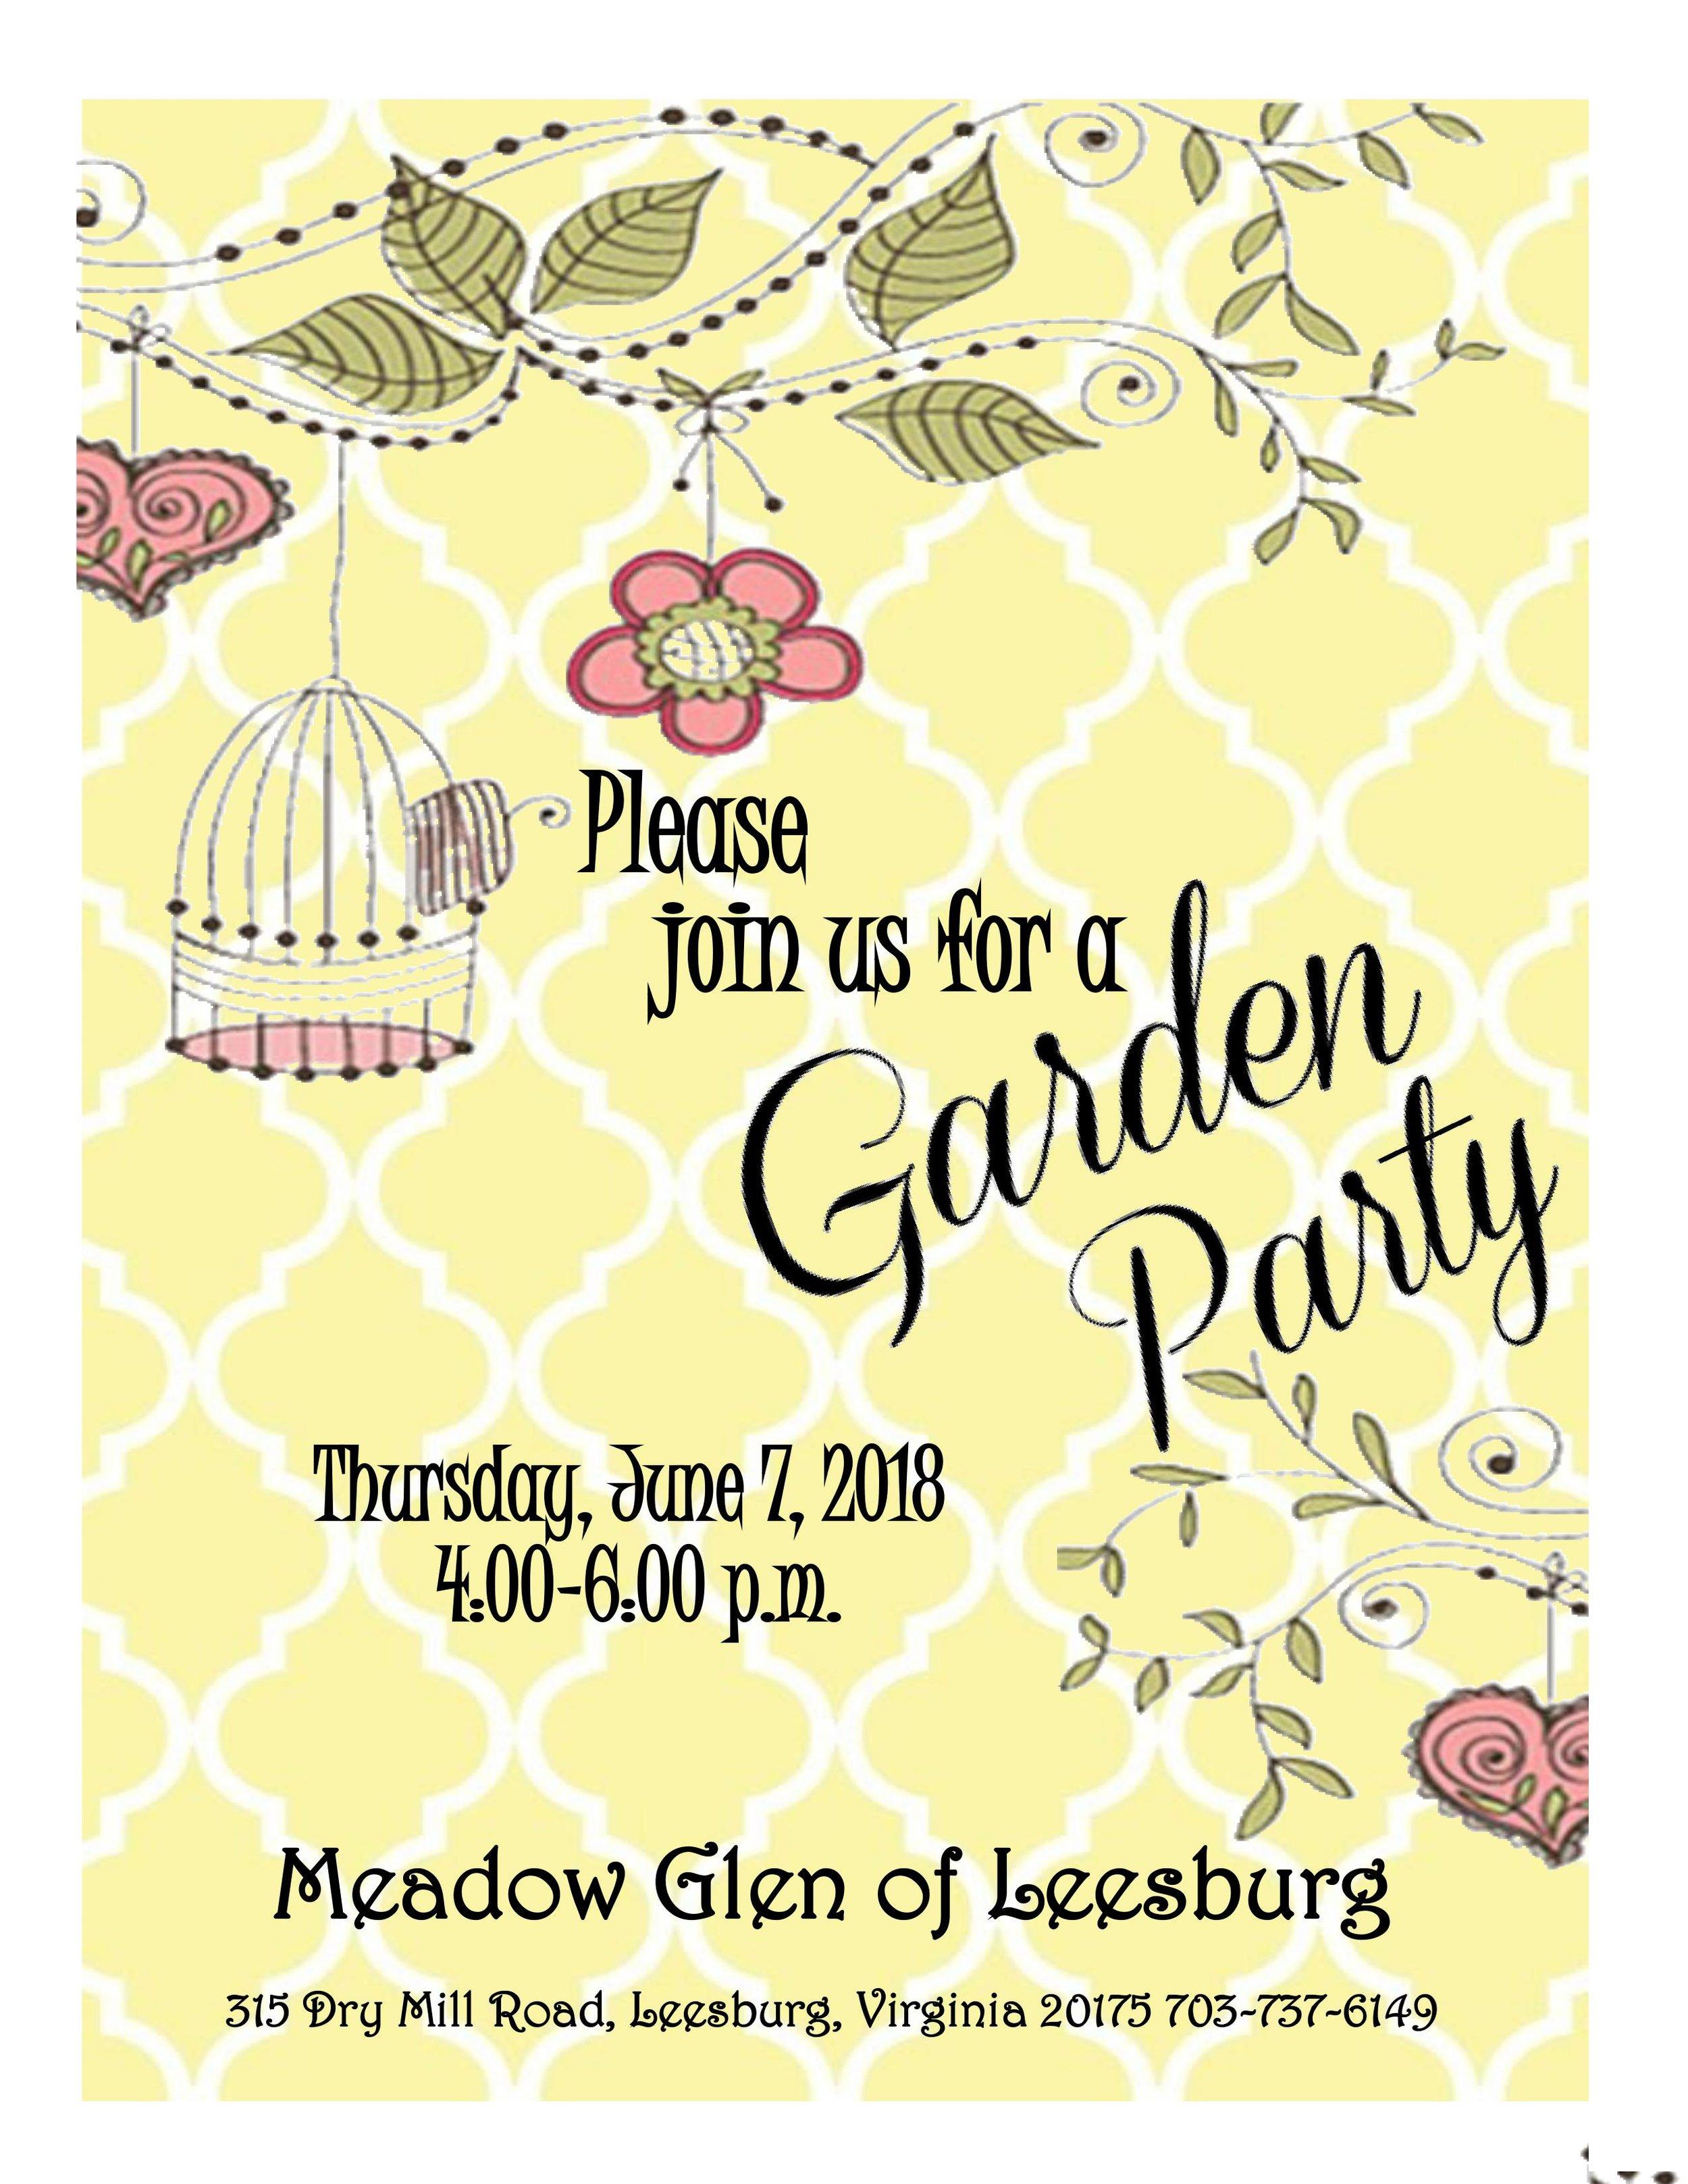 Meadow Glen Garden Party